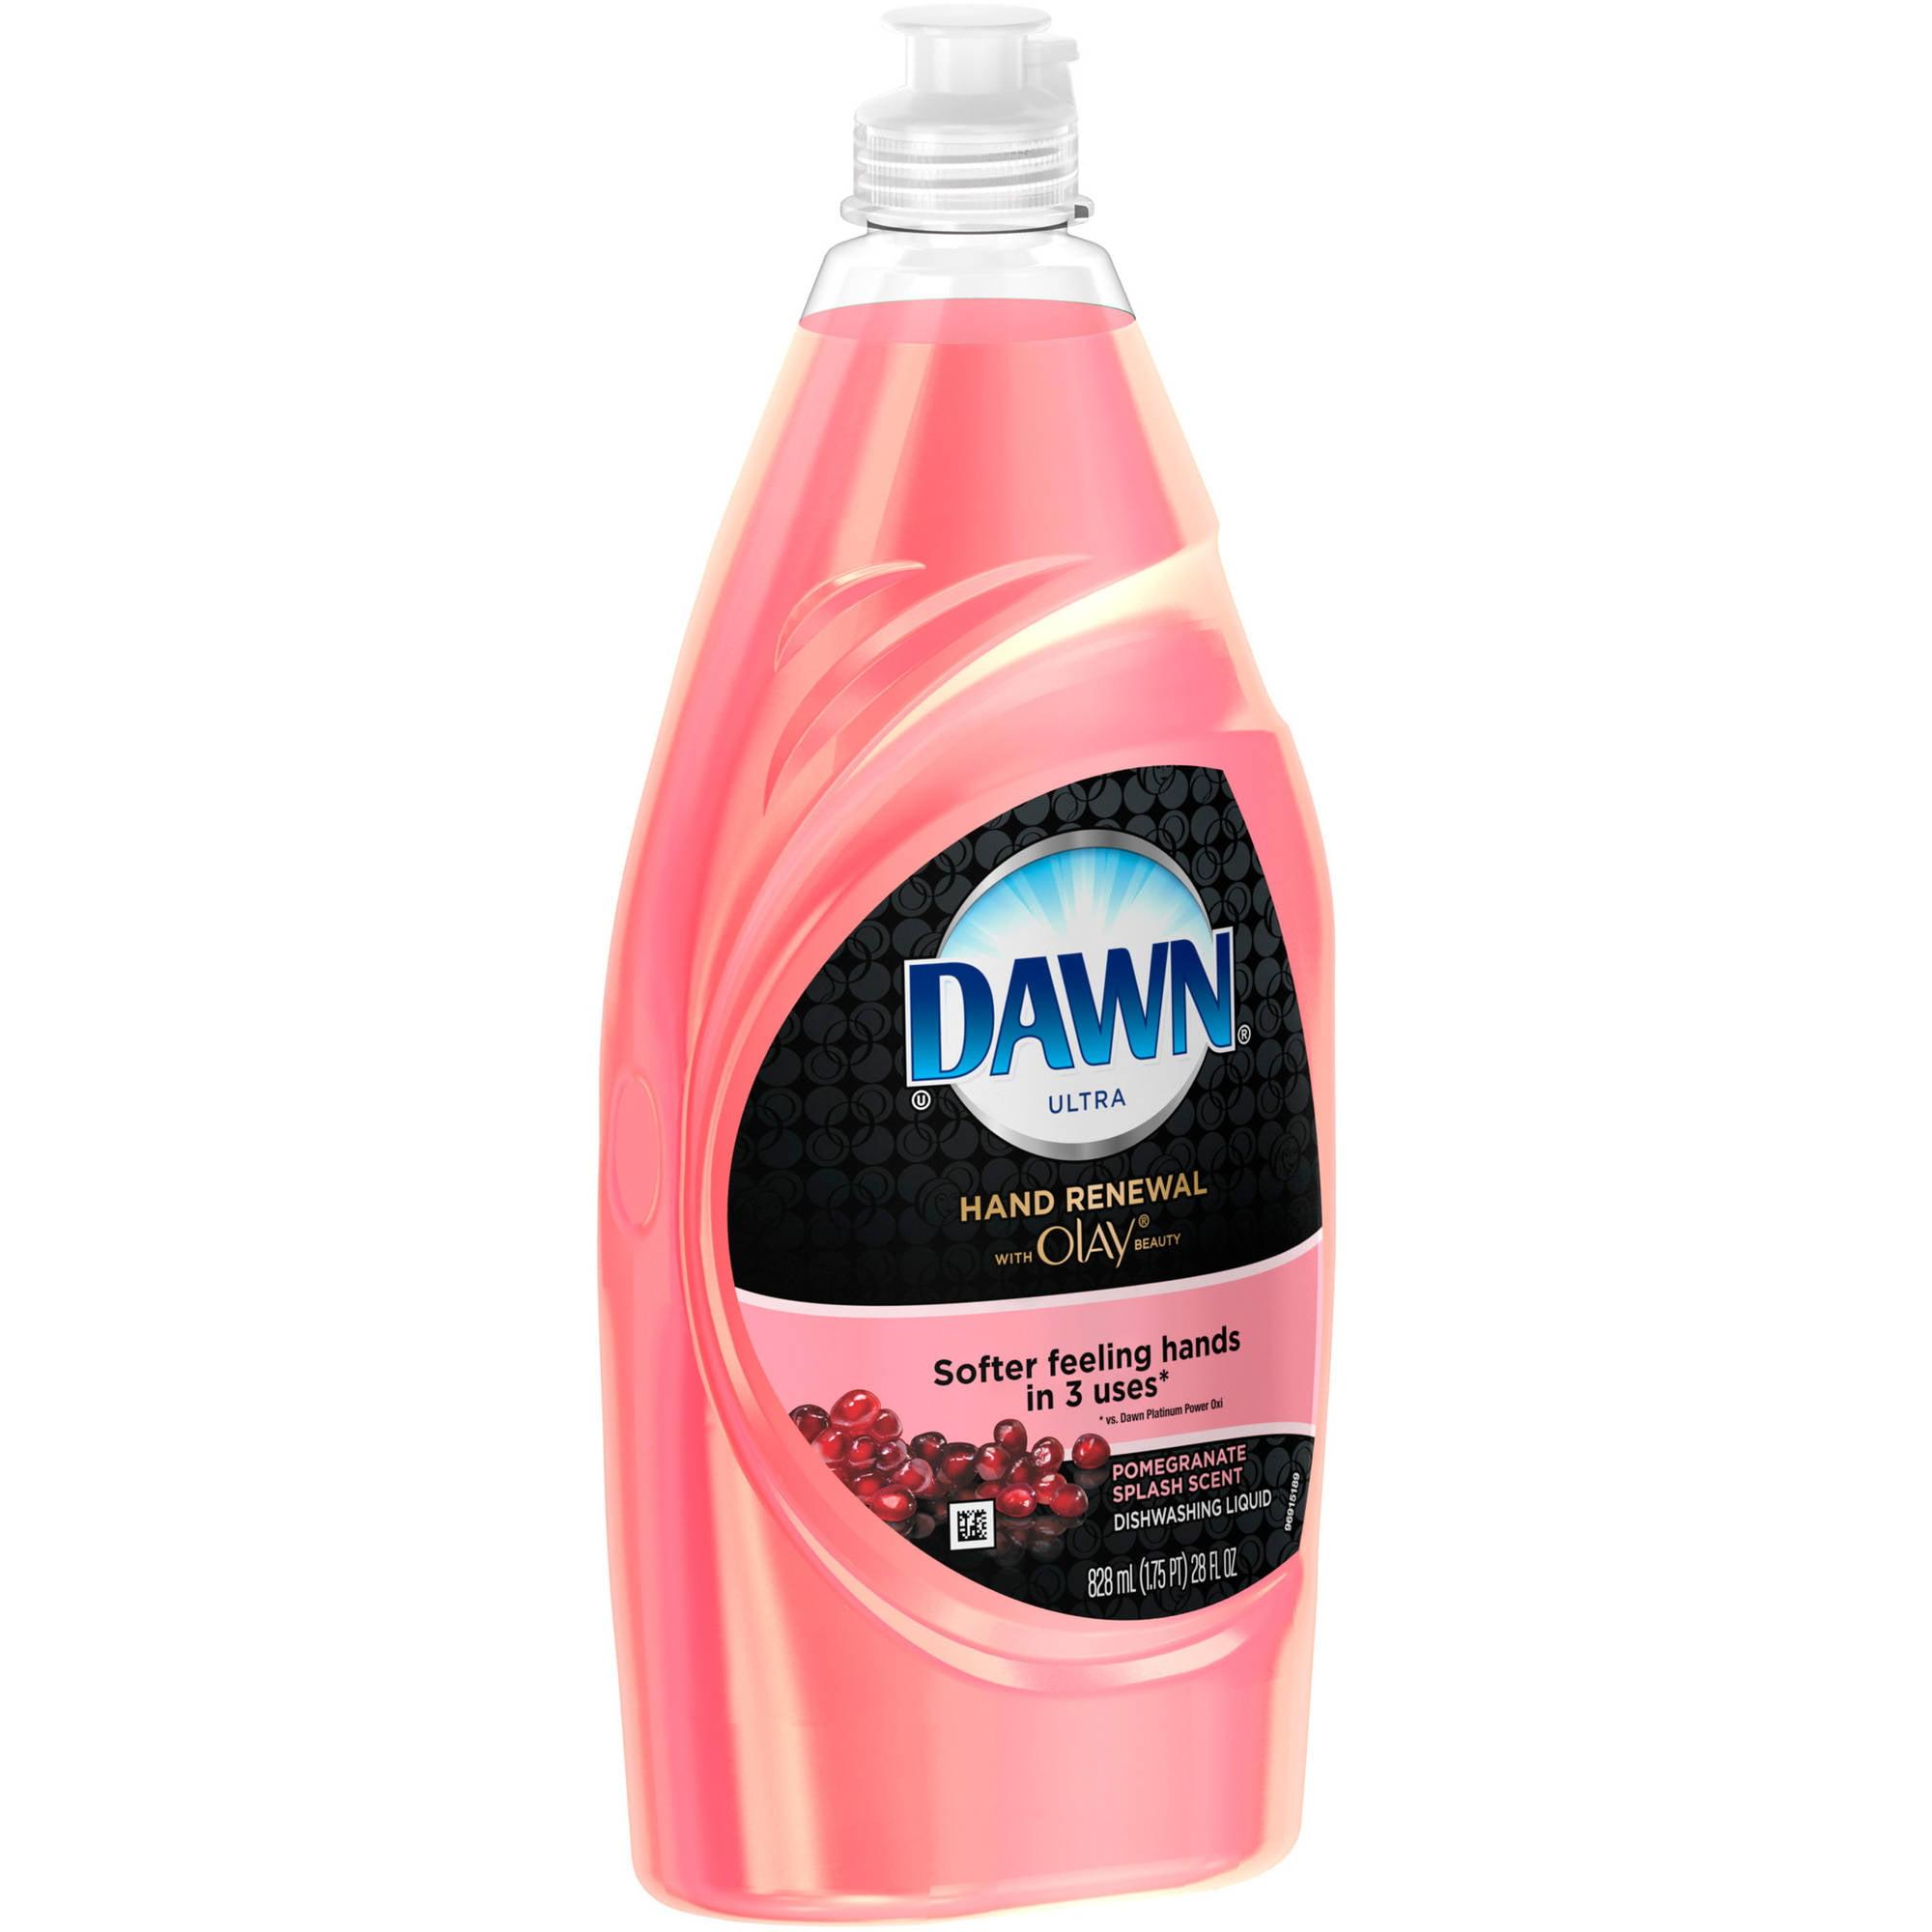 Dawn Hand Renewal with Olay Dishwashing Liquid, Pomegranate Splash, 28 fl oz